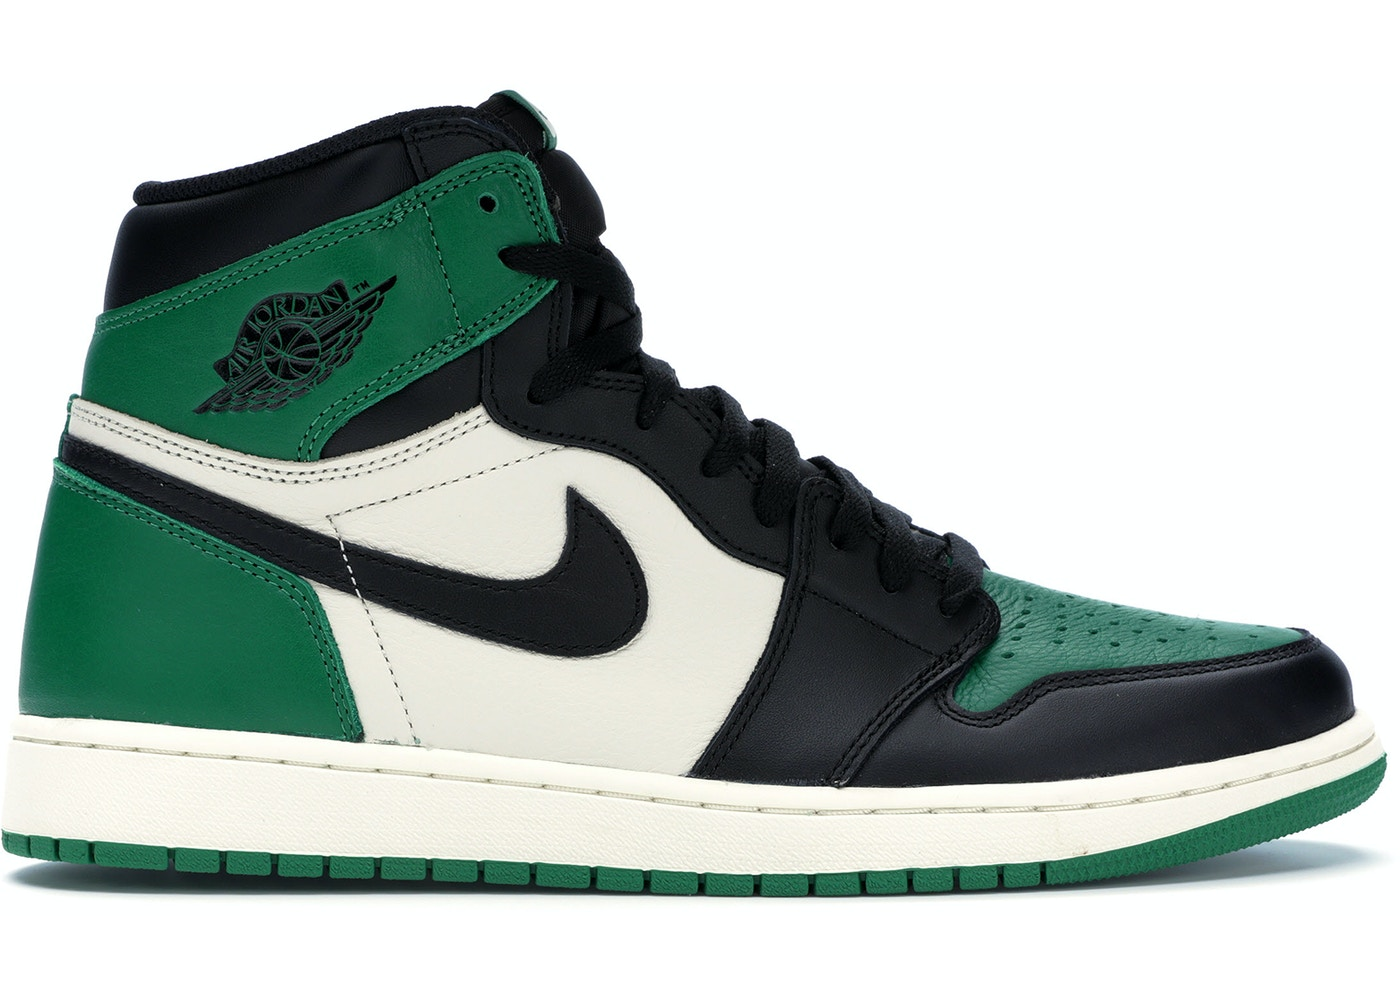 e3086a2eda8549 Jordan 1 Retro High Pine Green - 555088-302